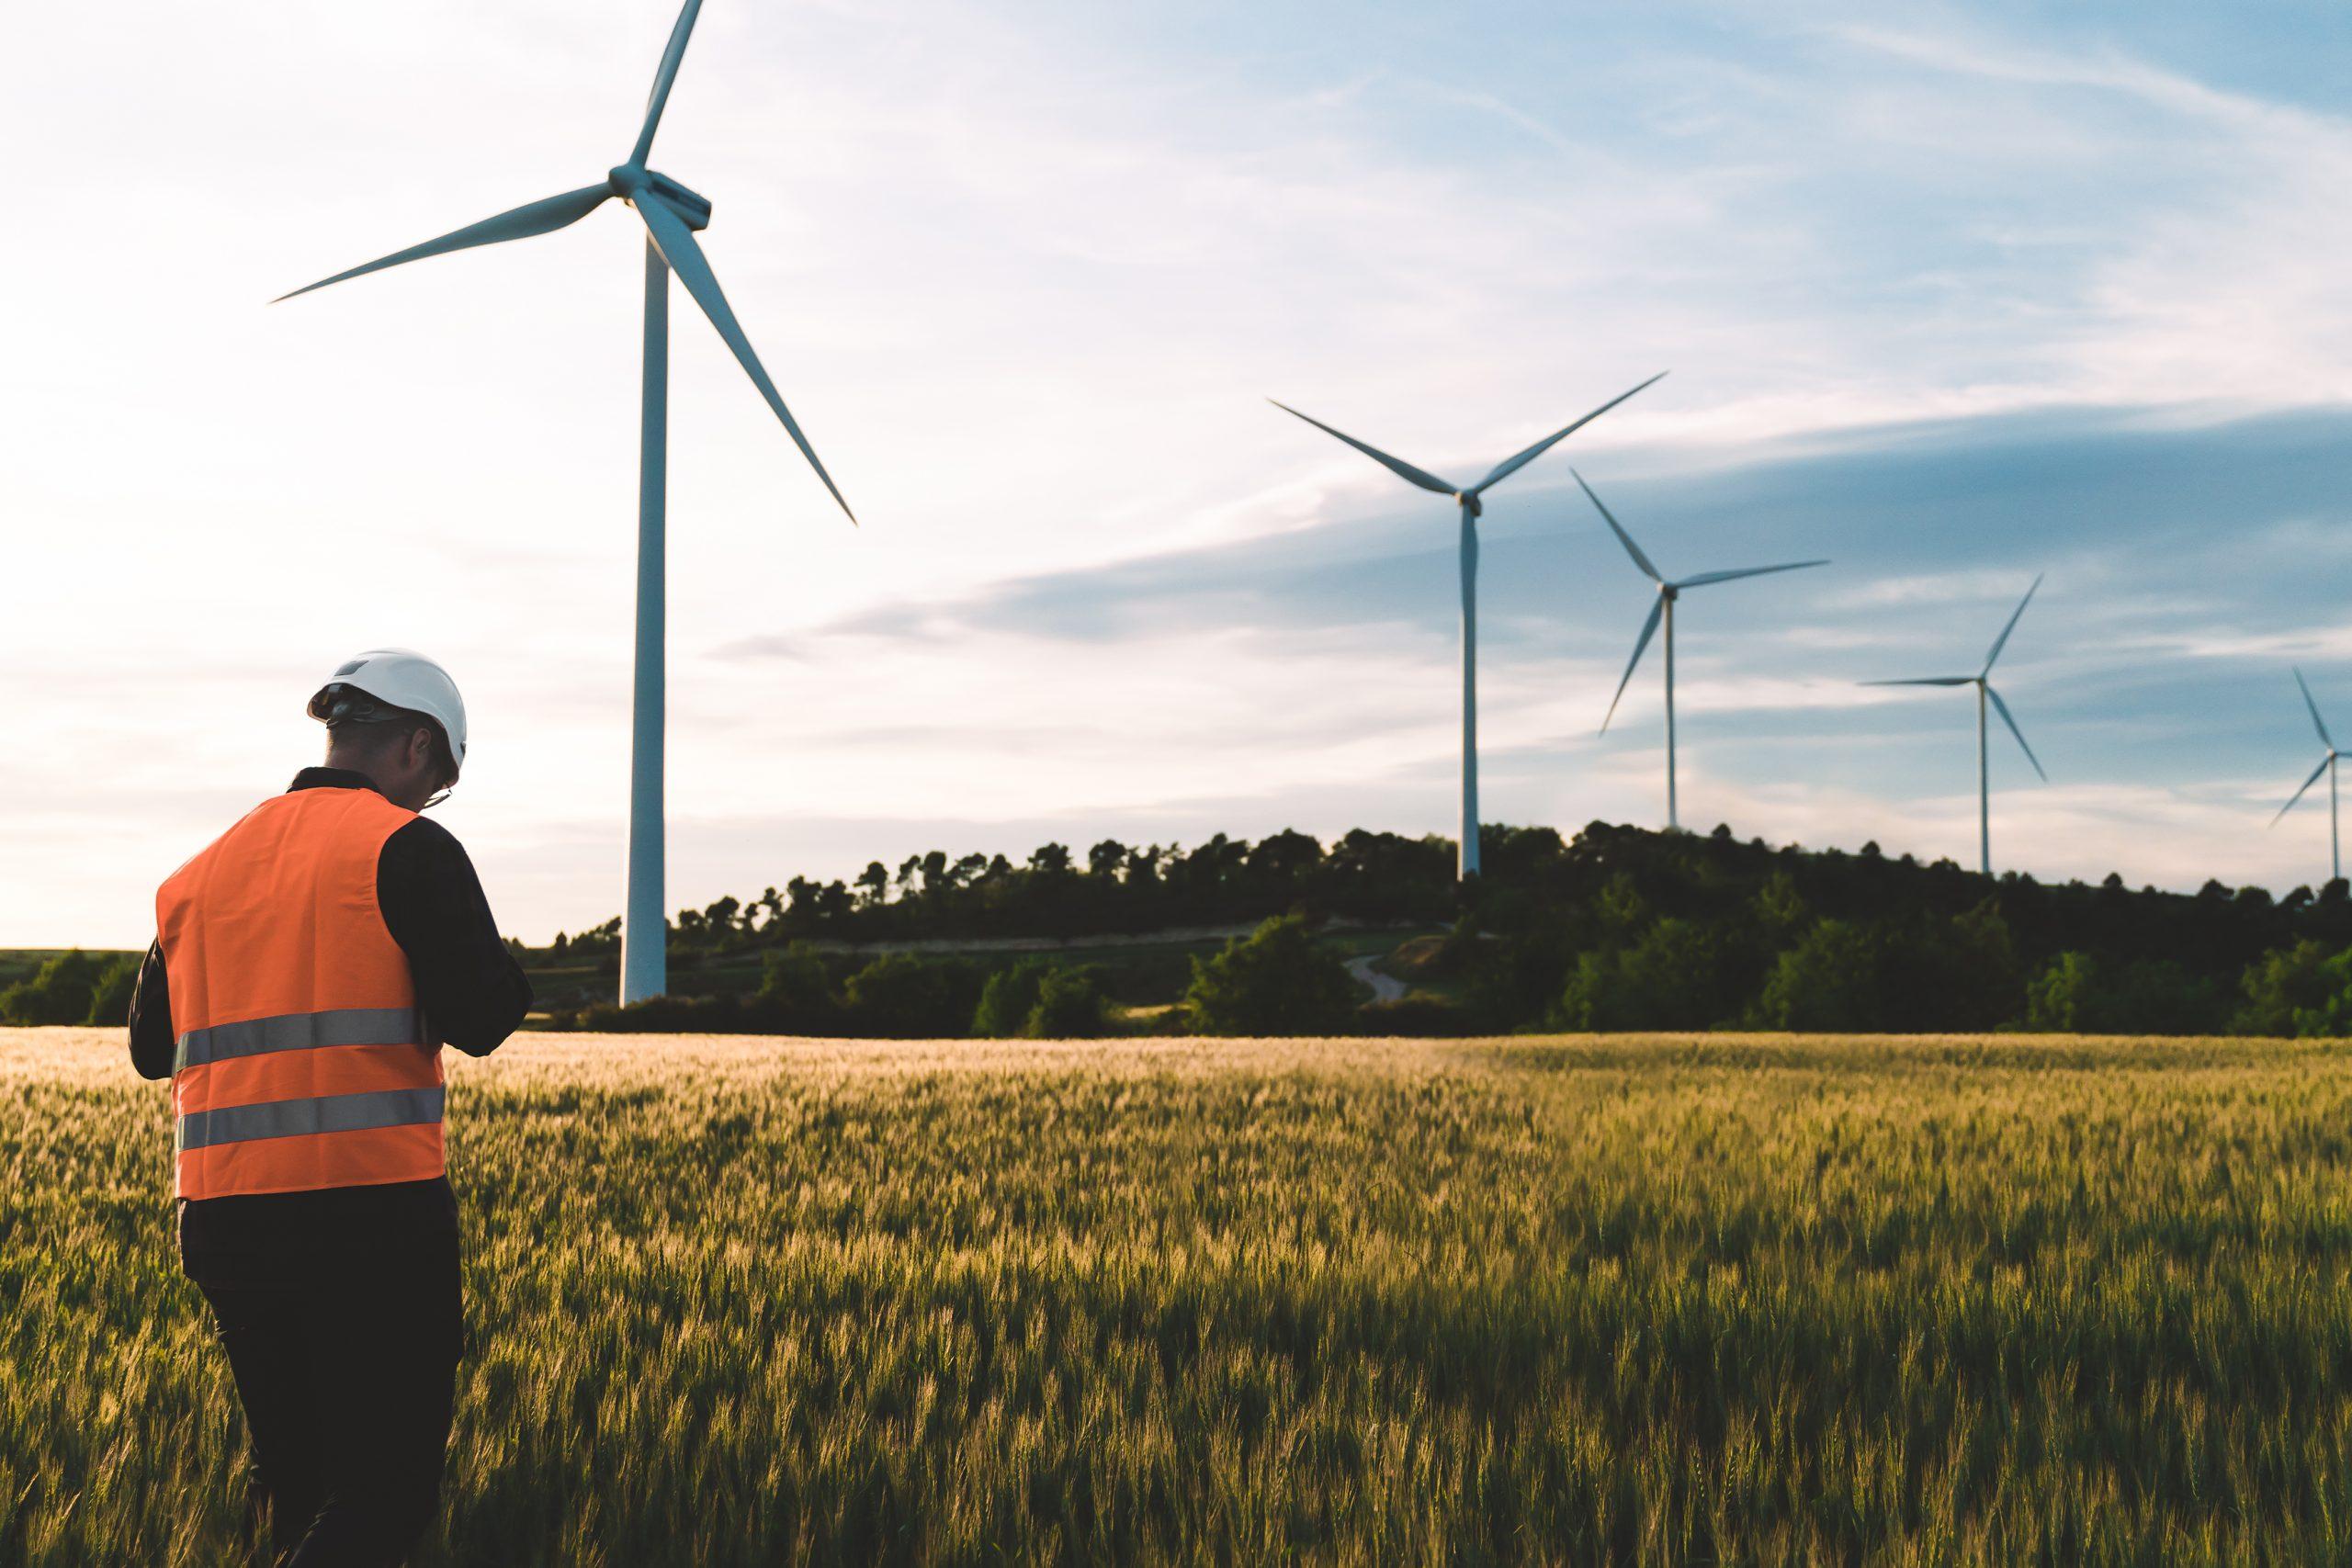 engineer working in renewable wind source